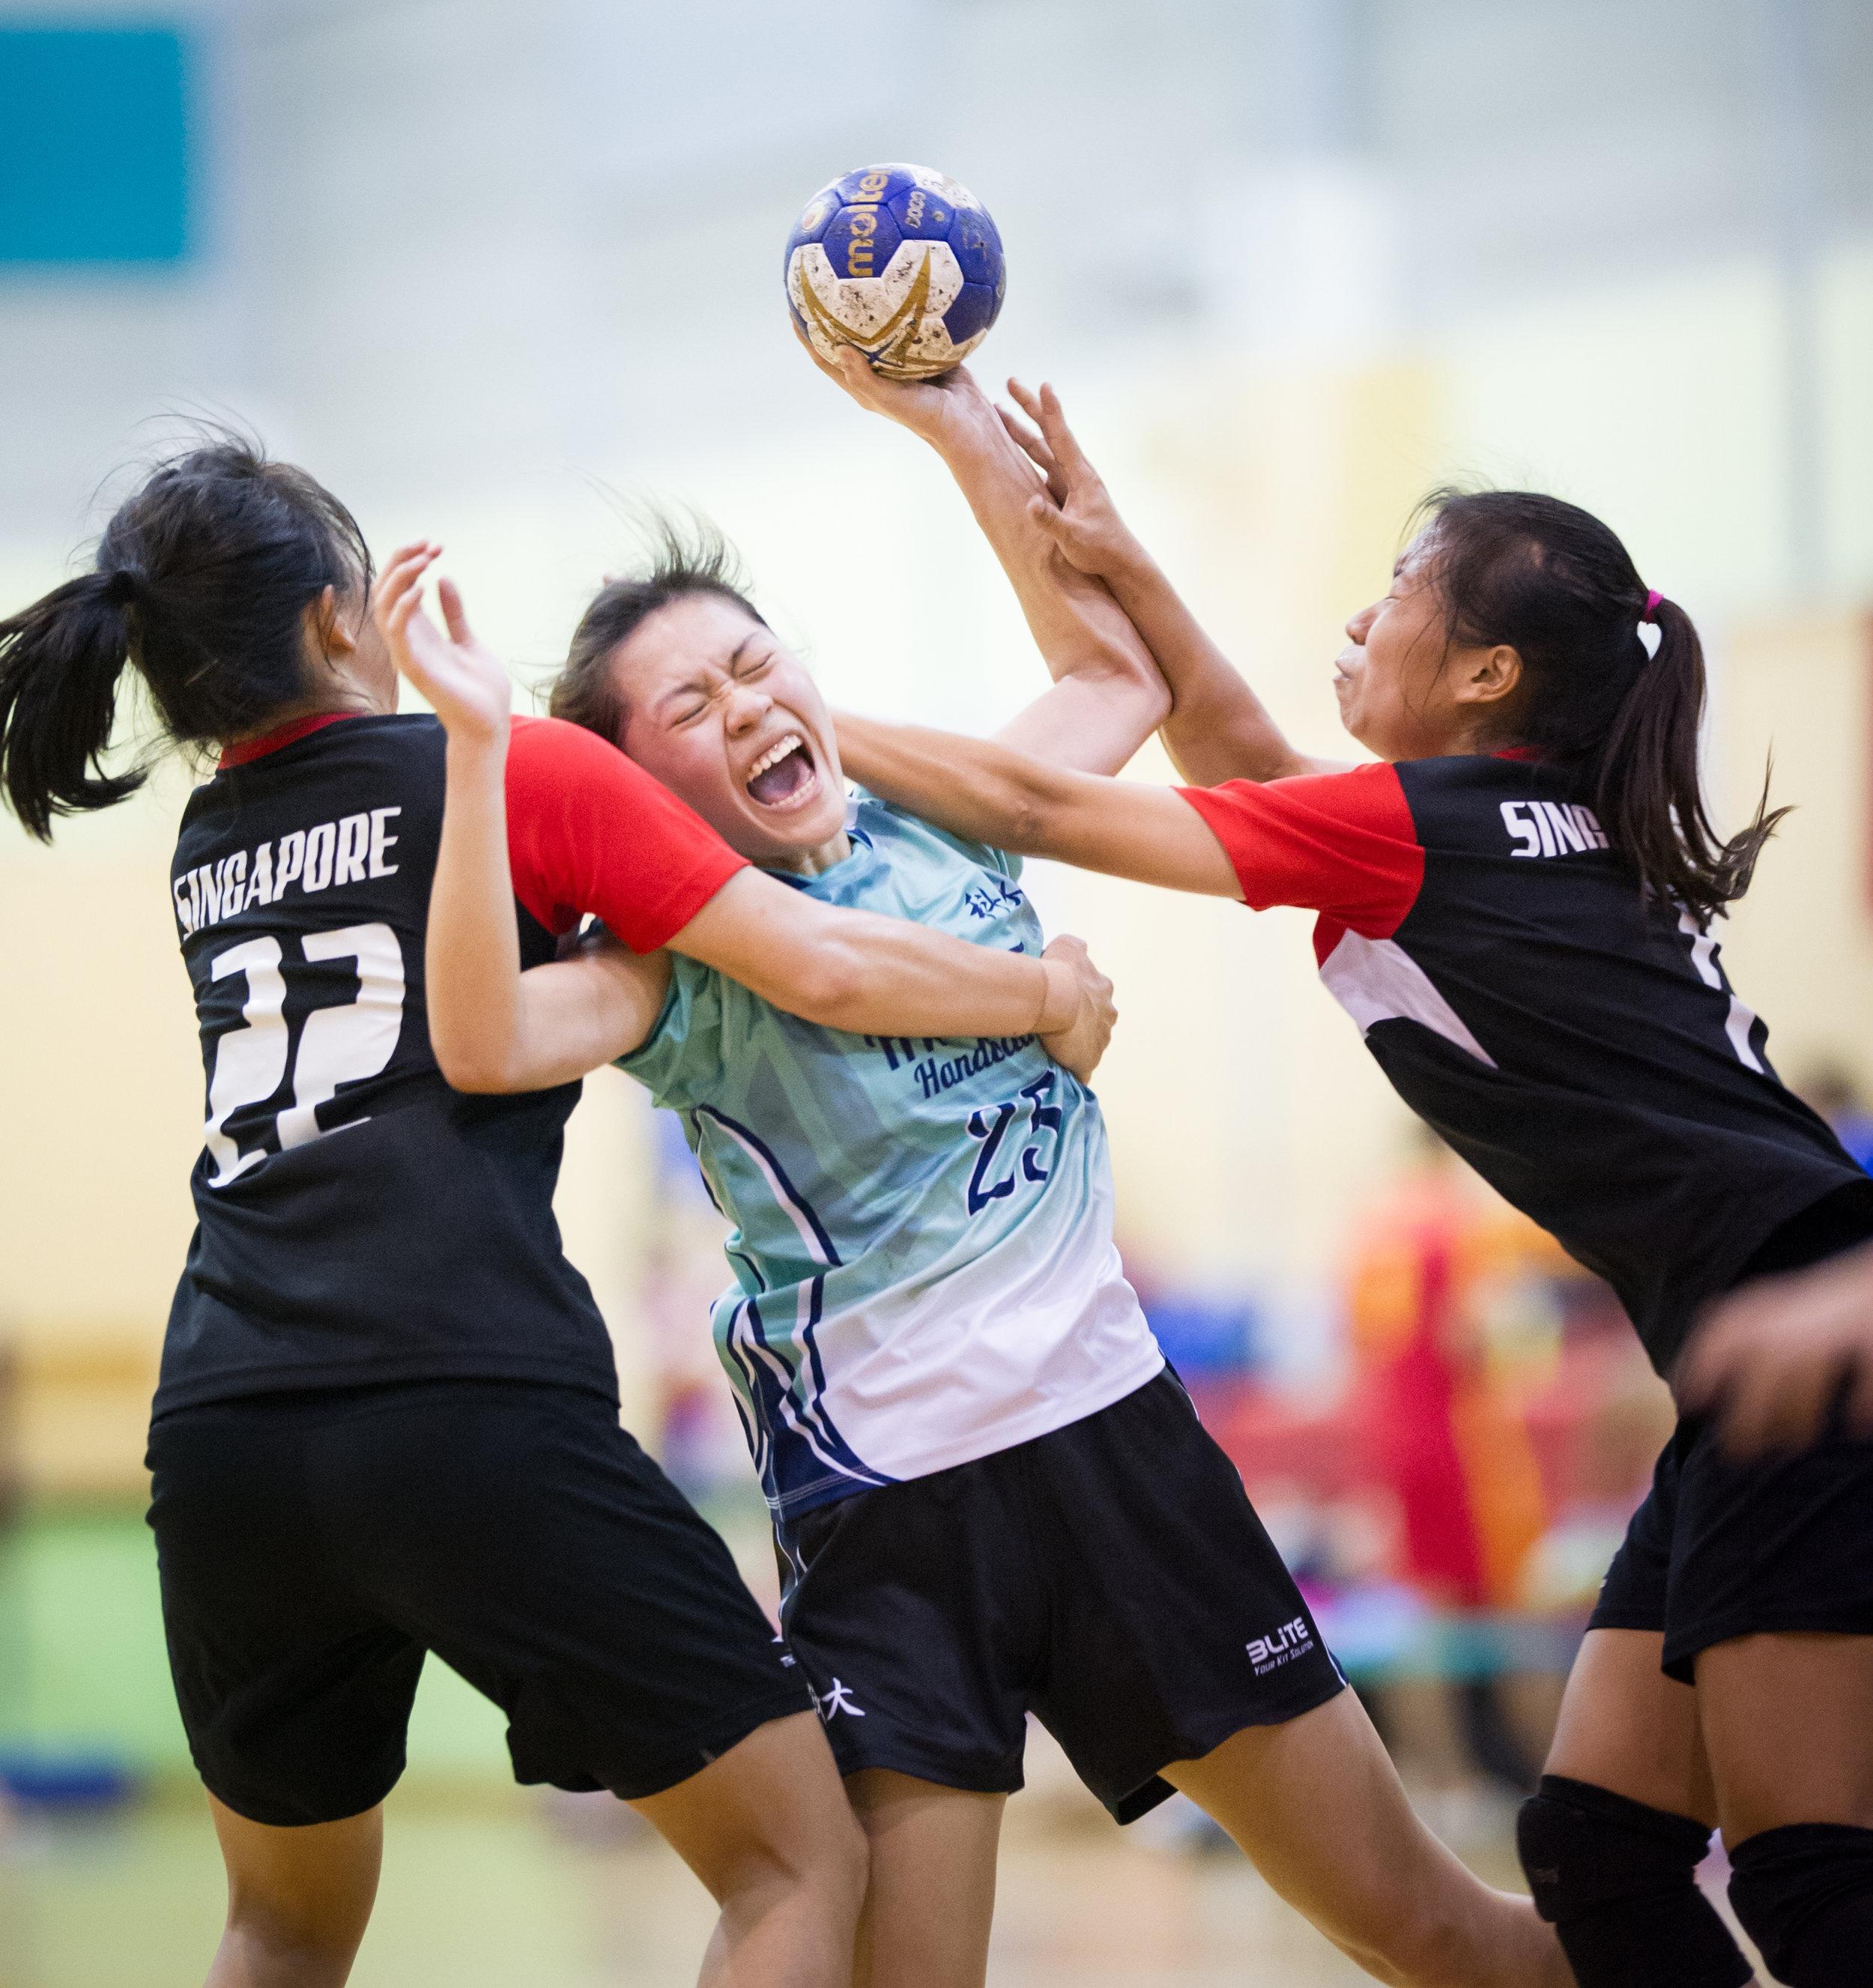 Singapore players block a Hong Kong player during an International hand ball match at the Sengkang Sports Complex.